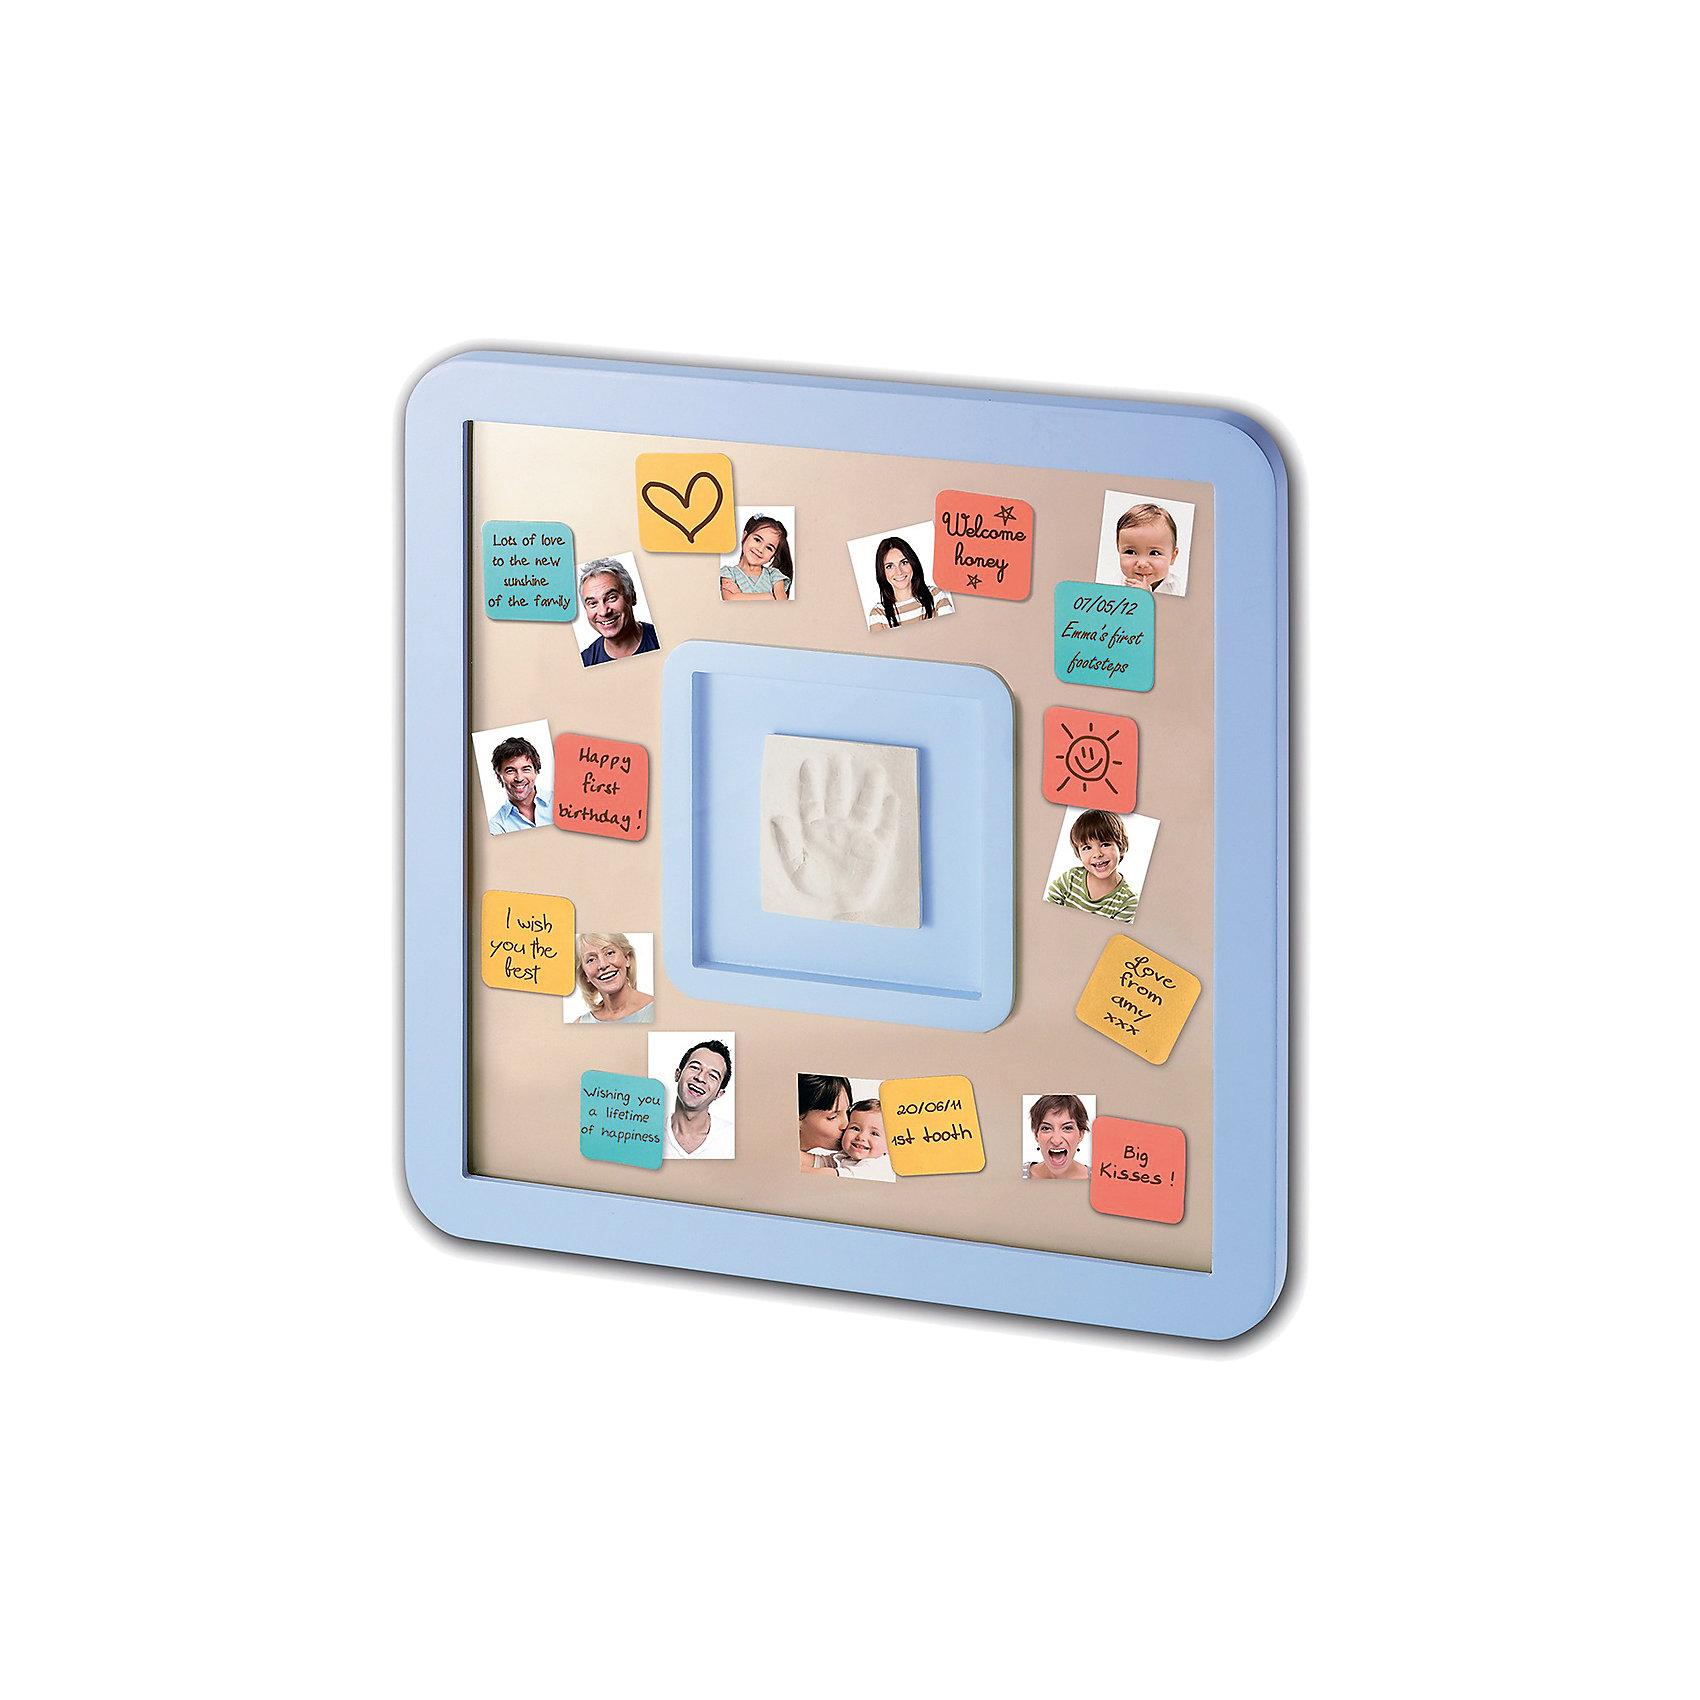 Доска для пожеланий с отпечатком, Baby ArtПредметы интерьера<br>Создать поздравительную композицию с отпечатком ручки малыша, фотографиями родных и пожеланиями для крохи поможет специальная доска для пожеланий Baby Art (Бейби Арт). Отпечаток крохи помещается в рамку, вокруг приклеиваются цветные карточки с пожеланиями, а миниатюрные фото напомнят, кто из близких оставил пожелание крохе. Карточки держатся на доске благодаря двусторонней клейкой ленте. <br><br><br>Процесс создания слепка:<br>• материал надо размять руками и раскатать скалкой;<br>• оставить отпечаток ручки малыша;<br>• выровнять края основы ножом (лучше под линейку);<br>• дать гипсу высохнуть;<br>• используя двустороннюю клейкую ленту, приклеить слепок в окошко в центре доски;<br>• декорировать доску карточками с пожеланиями от родных и близких.<br><br>Комплектация набора «Messages print frame»:<br>• доска для пожеланий;<br>• гипсовый слепок;<br>• скалка;<br>• двусторонняя липкая лента;<br>• цветные карточки с клеящейся основой;<br>• инструкция. <br>Доску для пожеланий с отпечатком, Baby Art можно купить в нашем интернет-магазине.<br><br>Ширина мм: 370<br>Глубина мм: 45<br>Высота мм: 370<br>Вес г: 1740<br>Возраст от месяцев: 0<br>Возраст до месяцев: 84<br>Пол: Унисекс<br>Возраст: Детский<br>SKU: 4986120